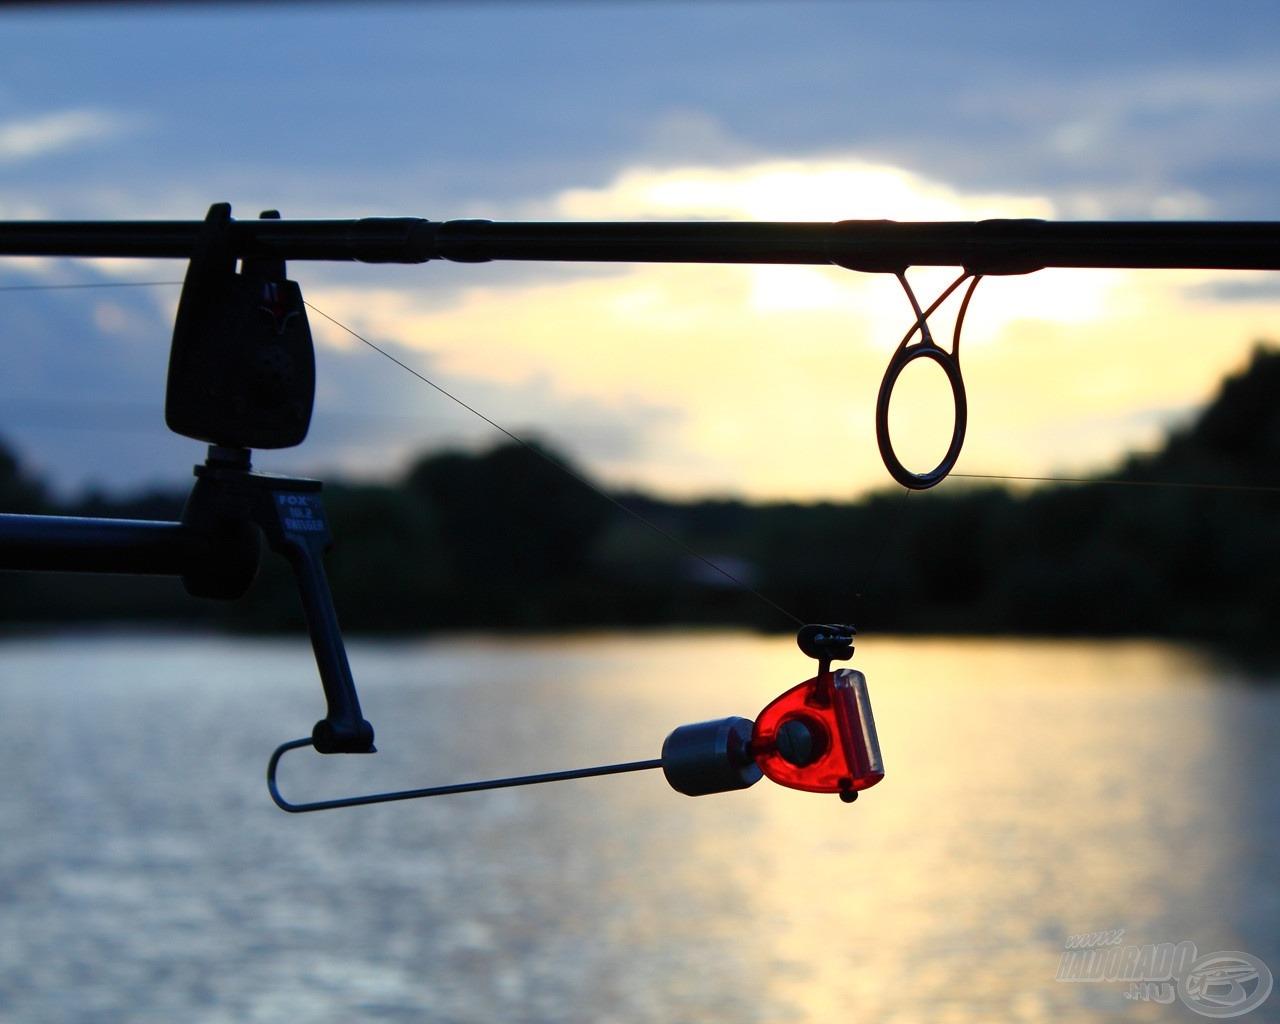 Sok szép képet szoktál készíteni a horgászatok során? Jól fogalmazol? Oszd meg velünk élményeidet, megéri!